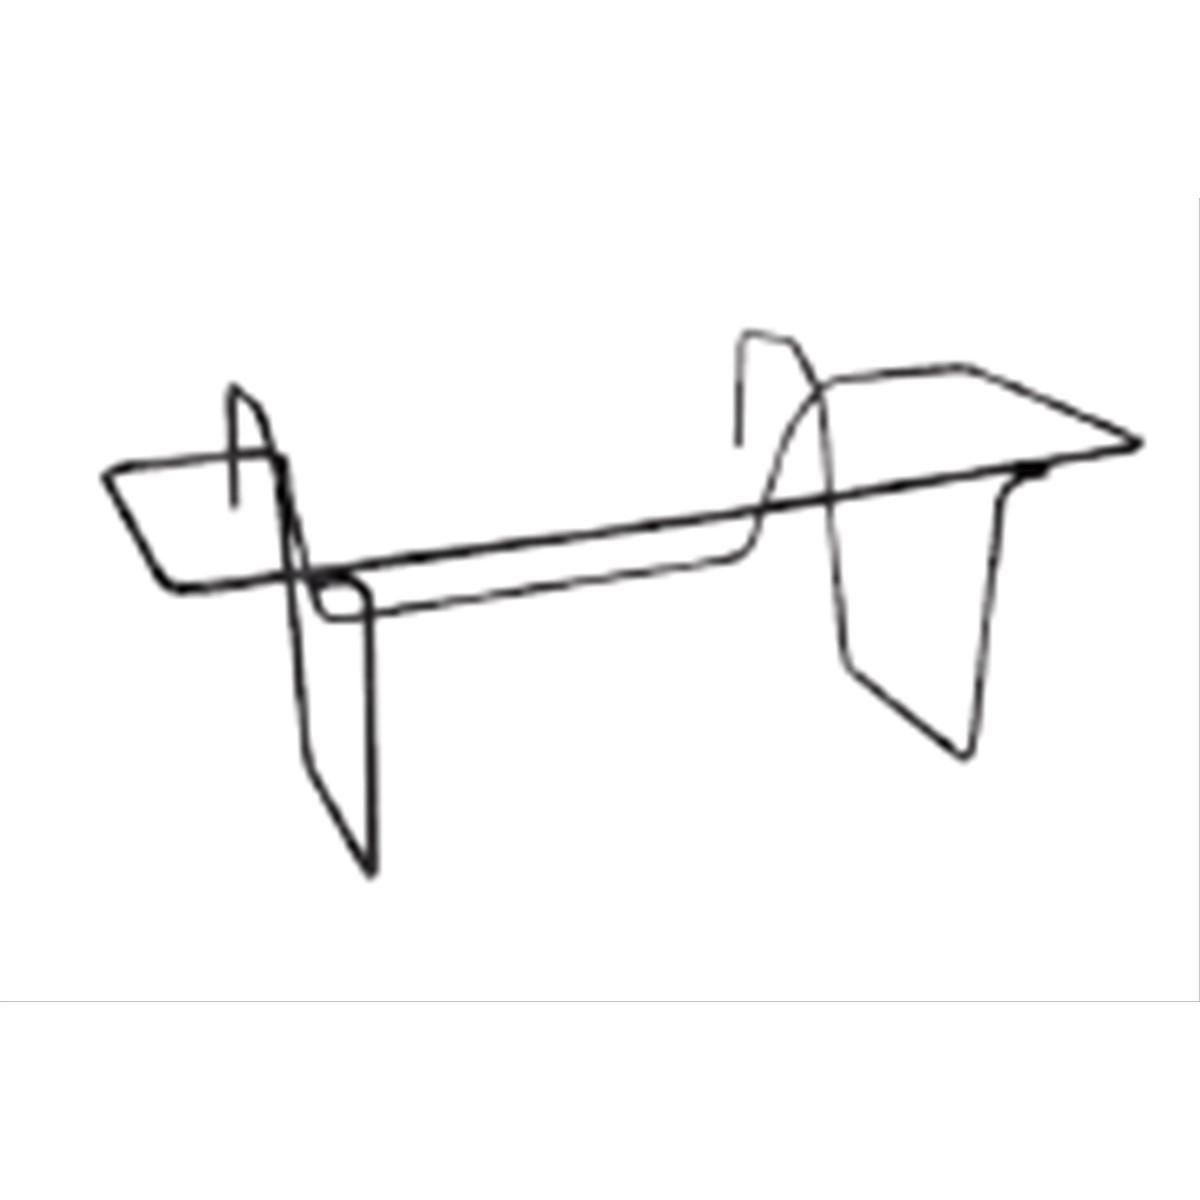 veca support pour jardini re roxanne 50 cm pour 50cm schilliger. Black Bedroom Furniture Sets. Home Design Ideas